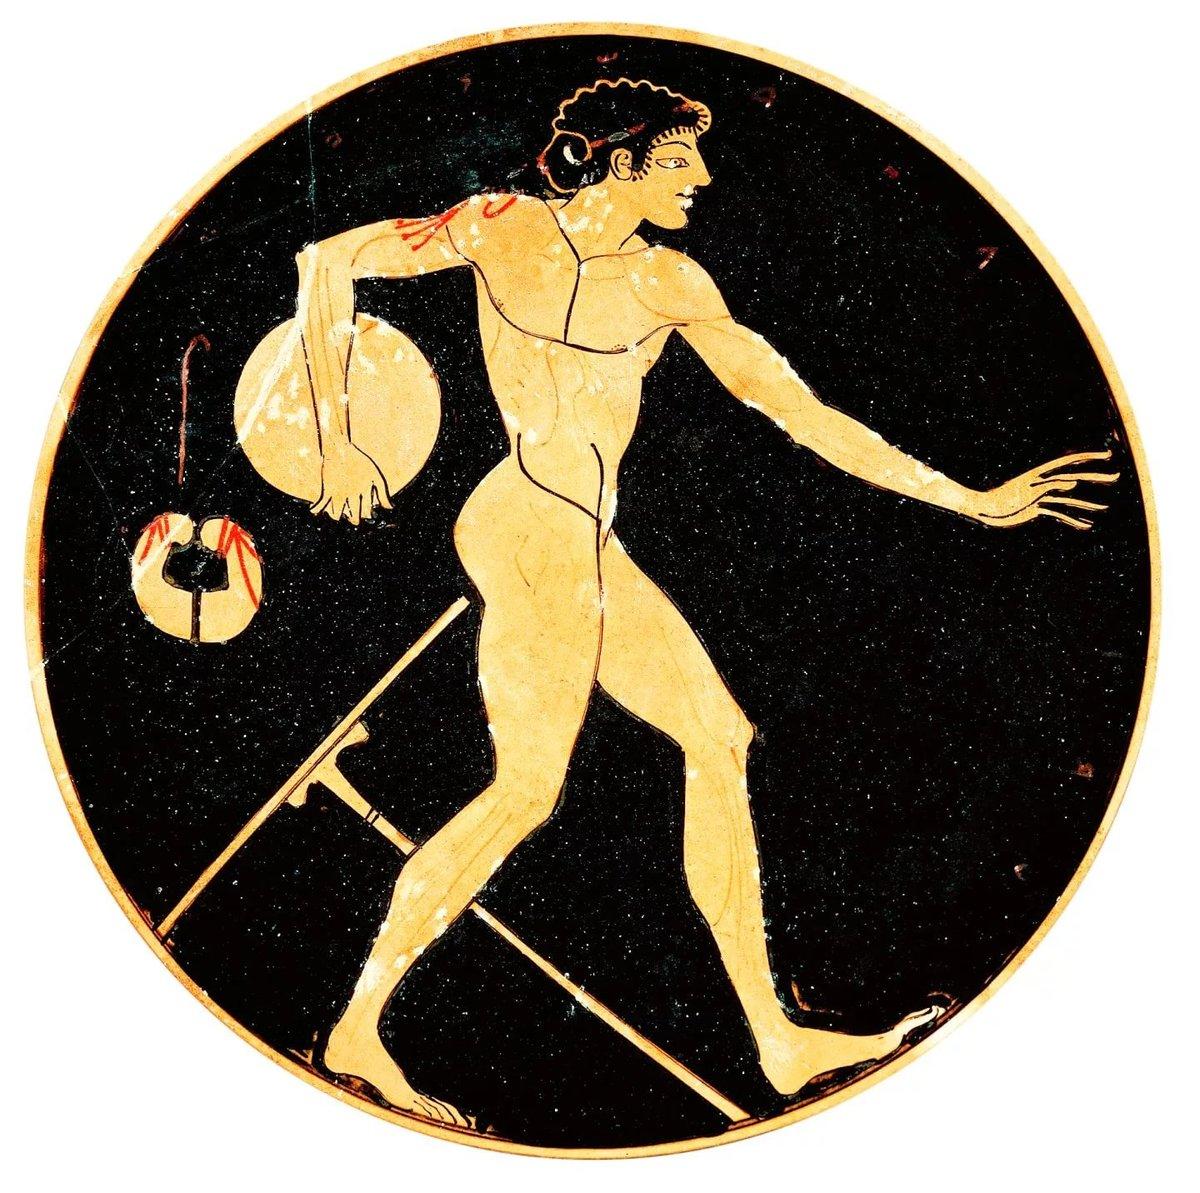 история олимпийских игр картинки список традиционных имен